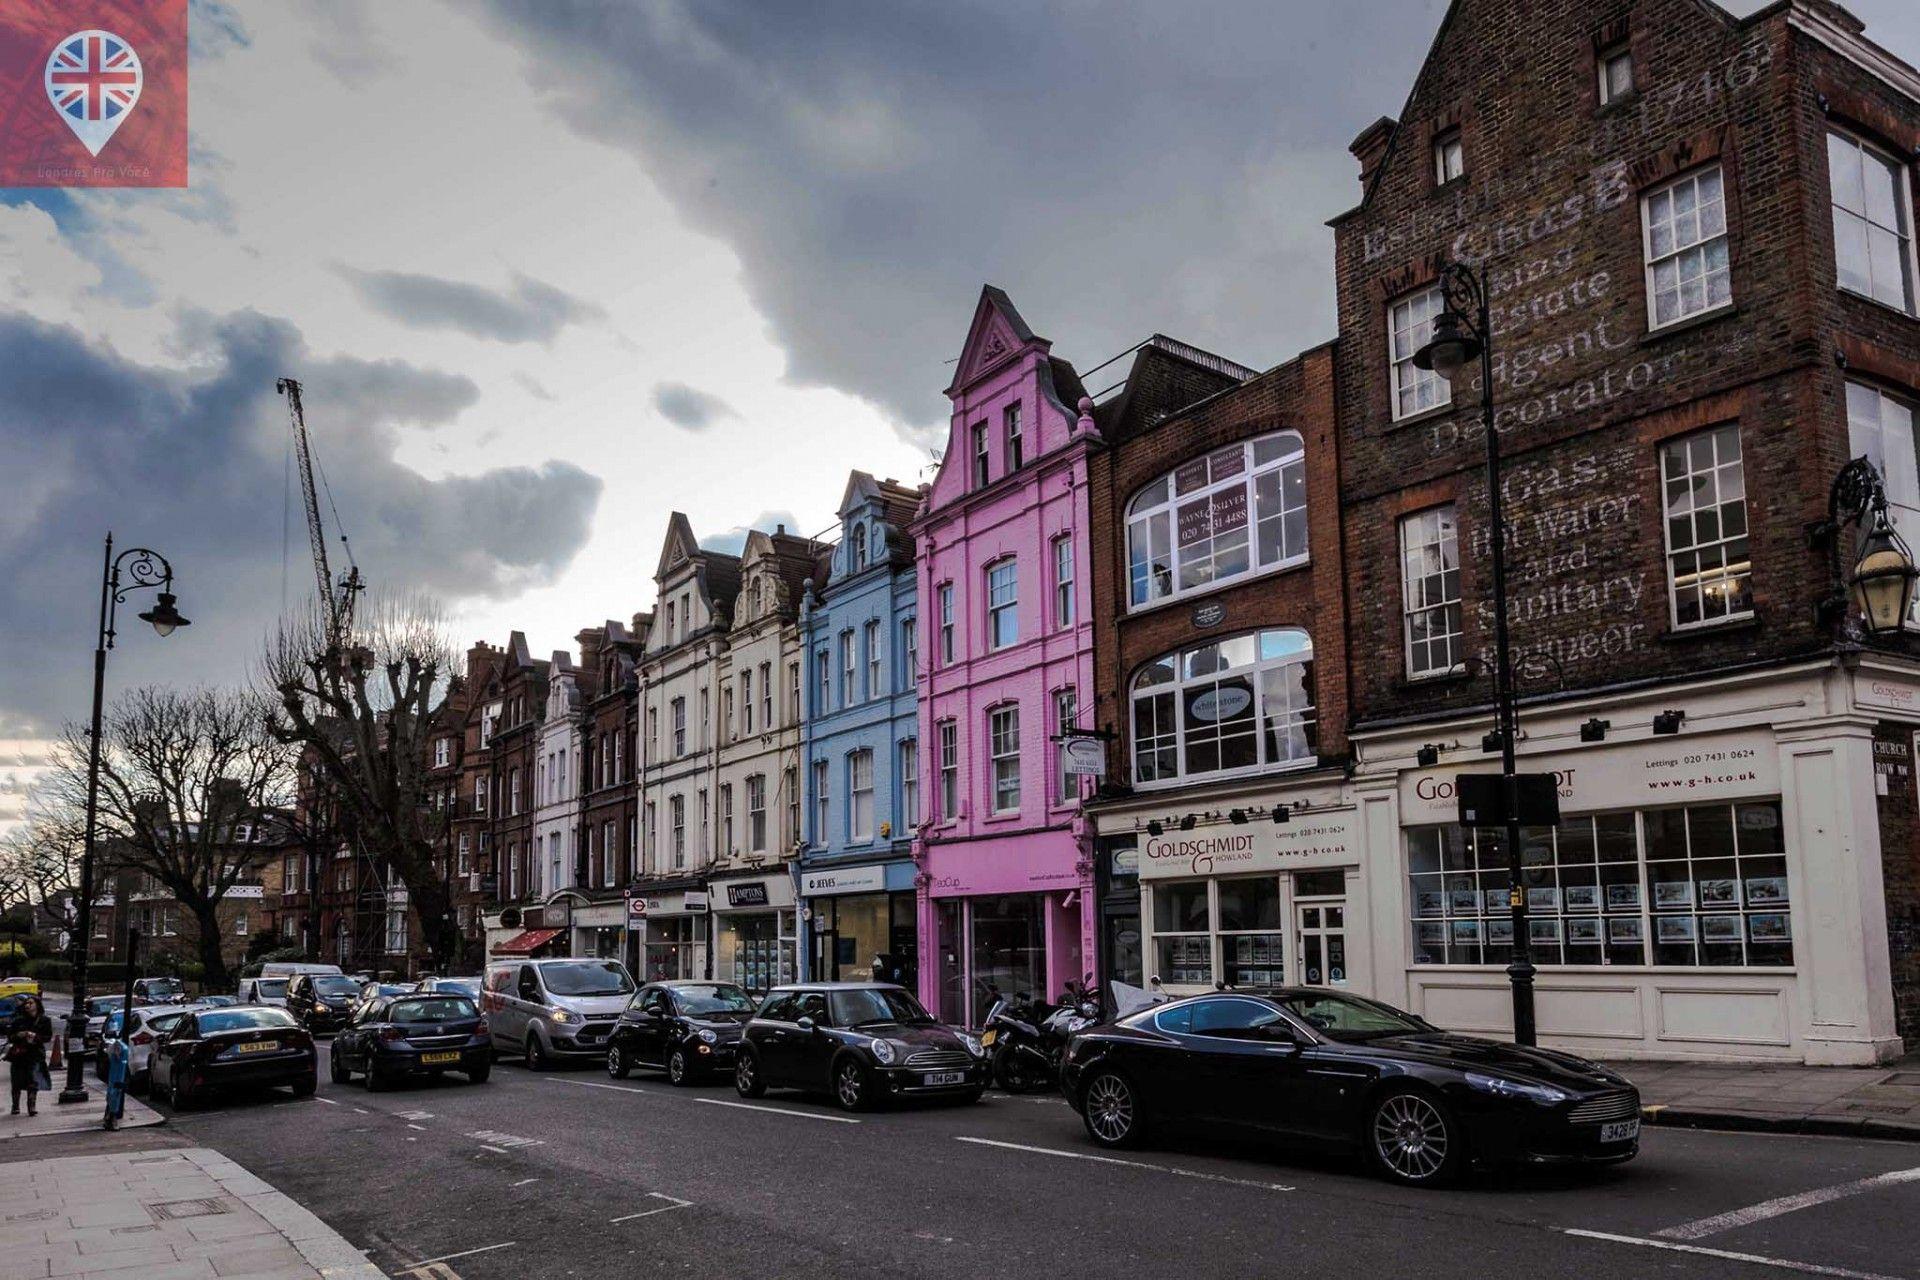 Um bairro encantador e pouco explorado em Londres, Hampstead é um charme com ar de vilarejo